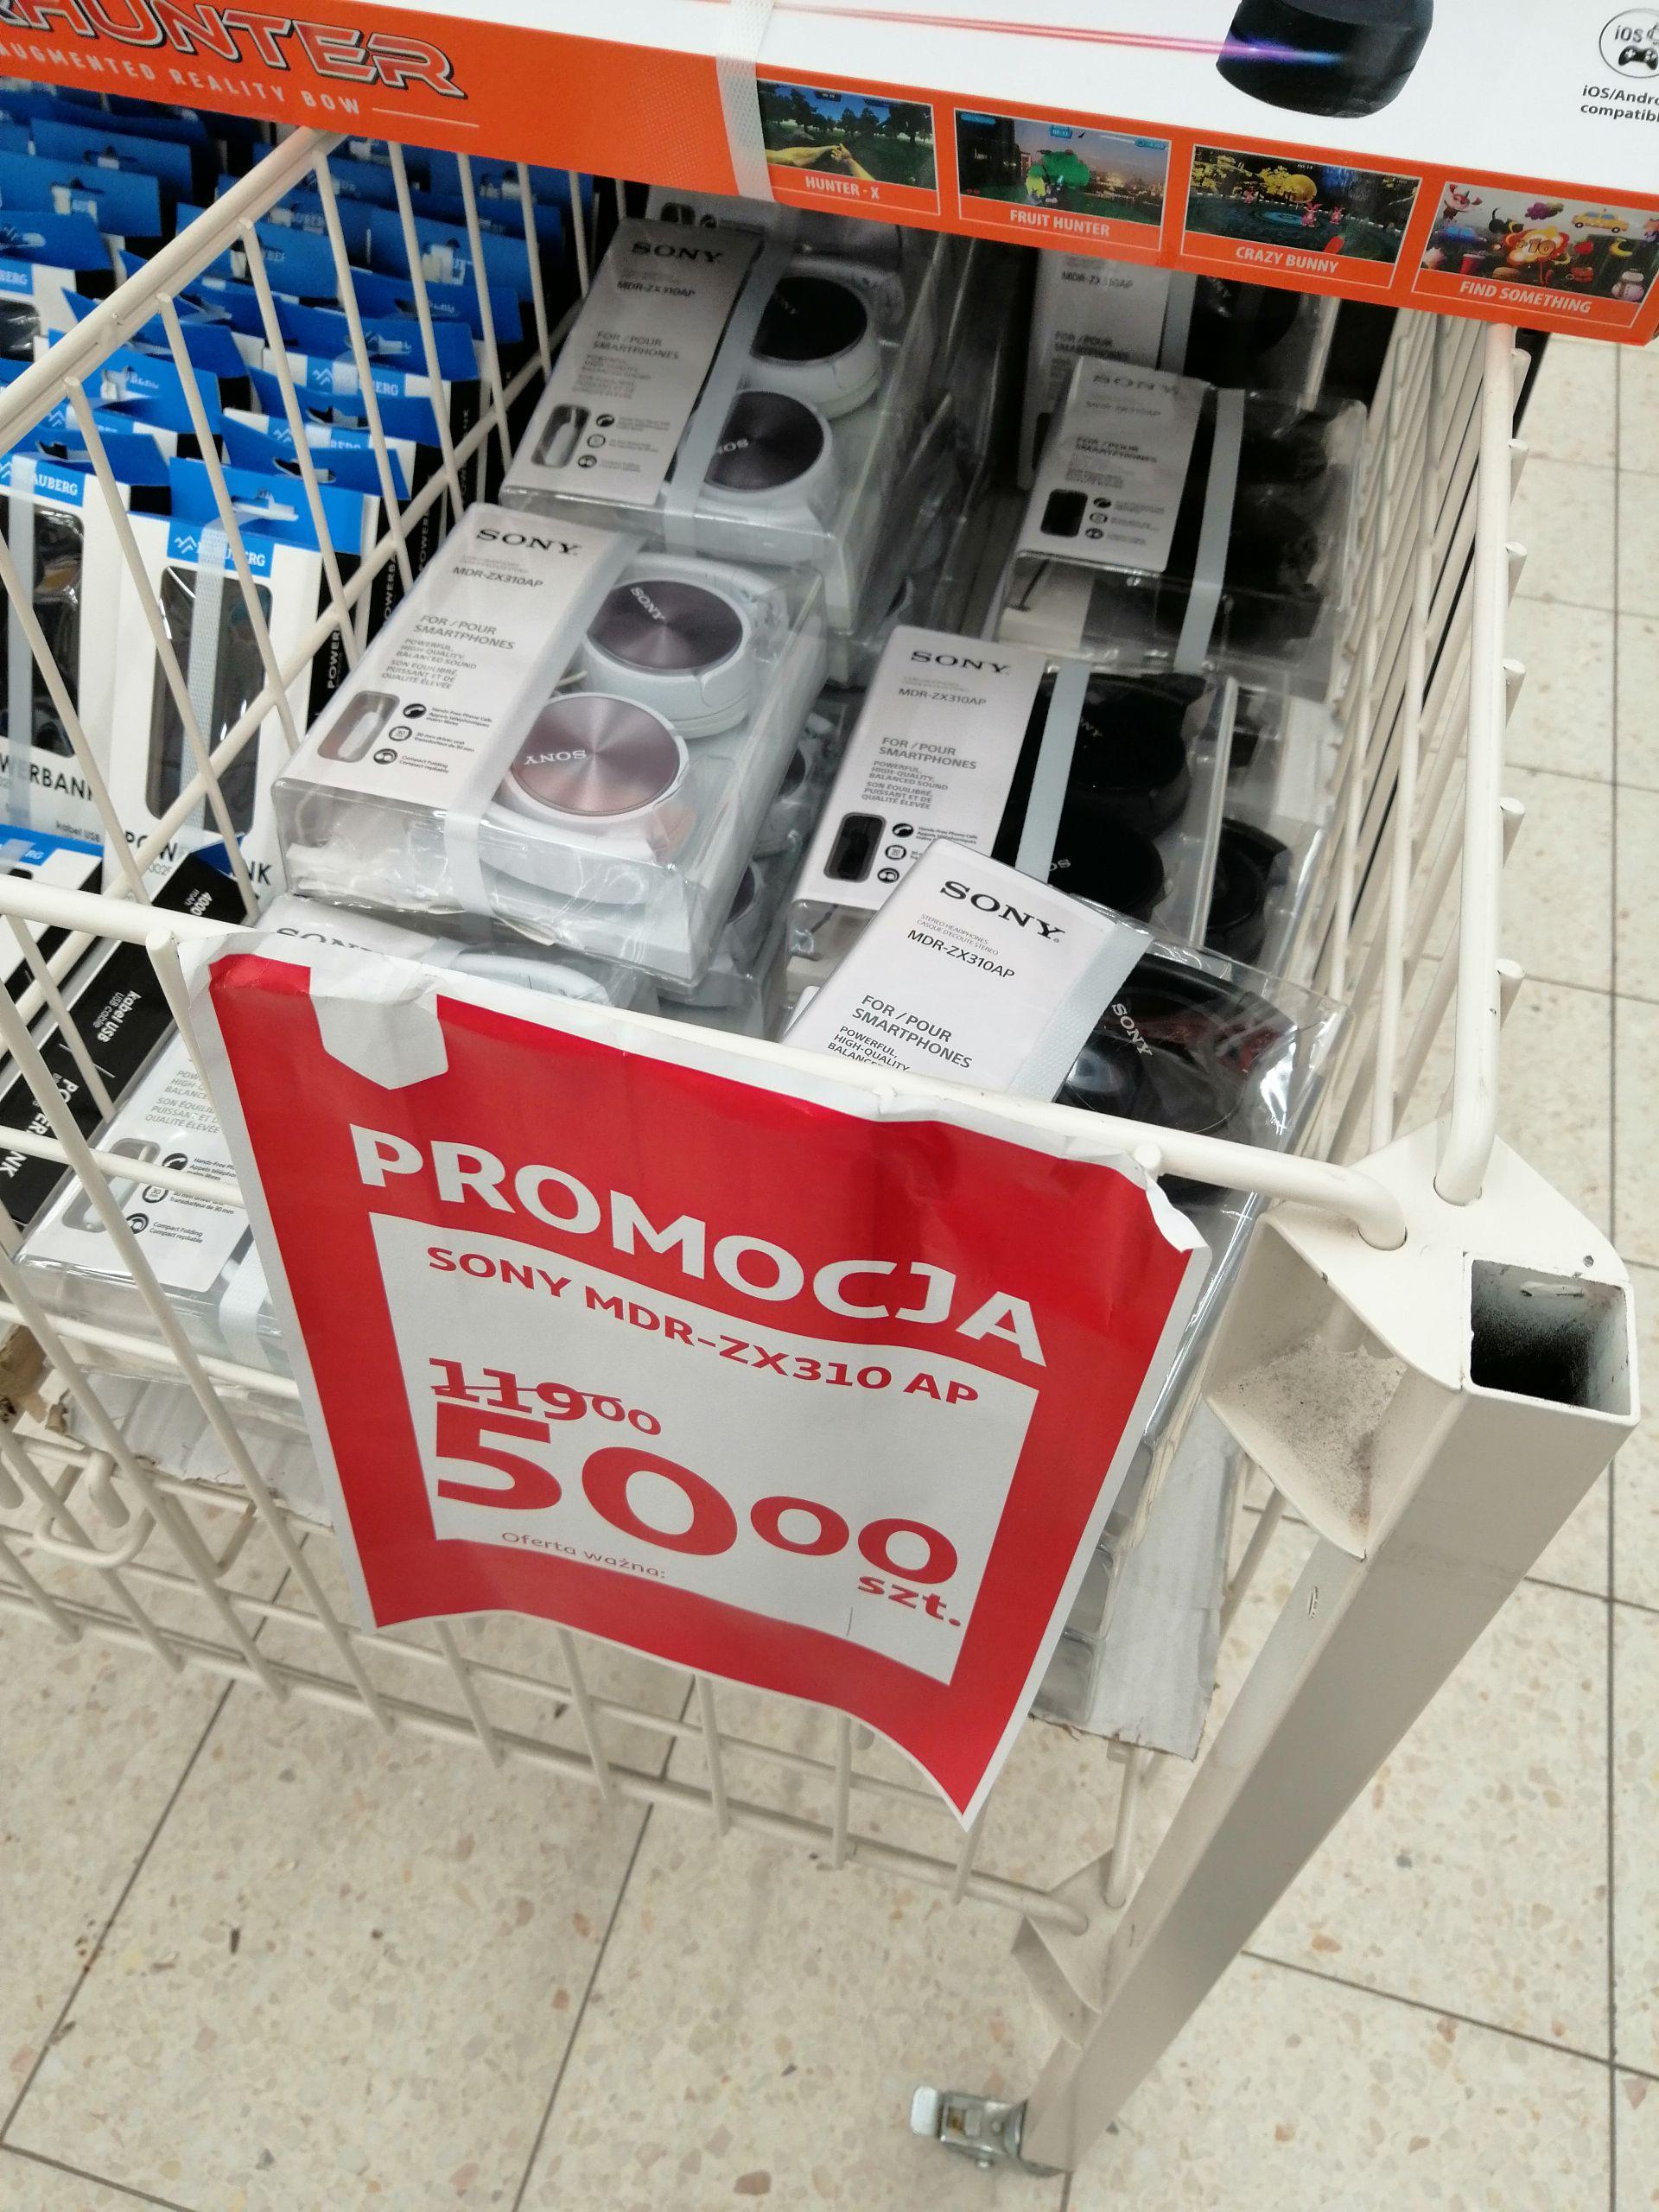 Słuchawki Sony MDR-ZX310AP (Auchan, Dąbrowa Górnicza)